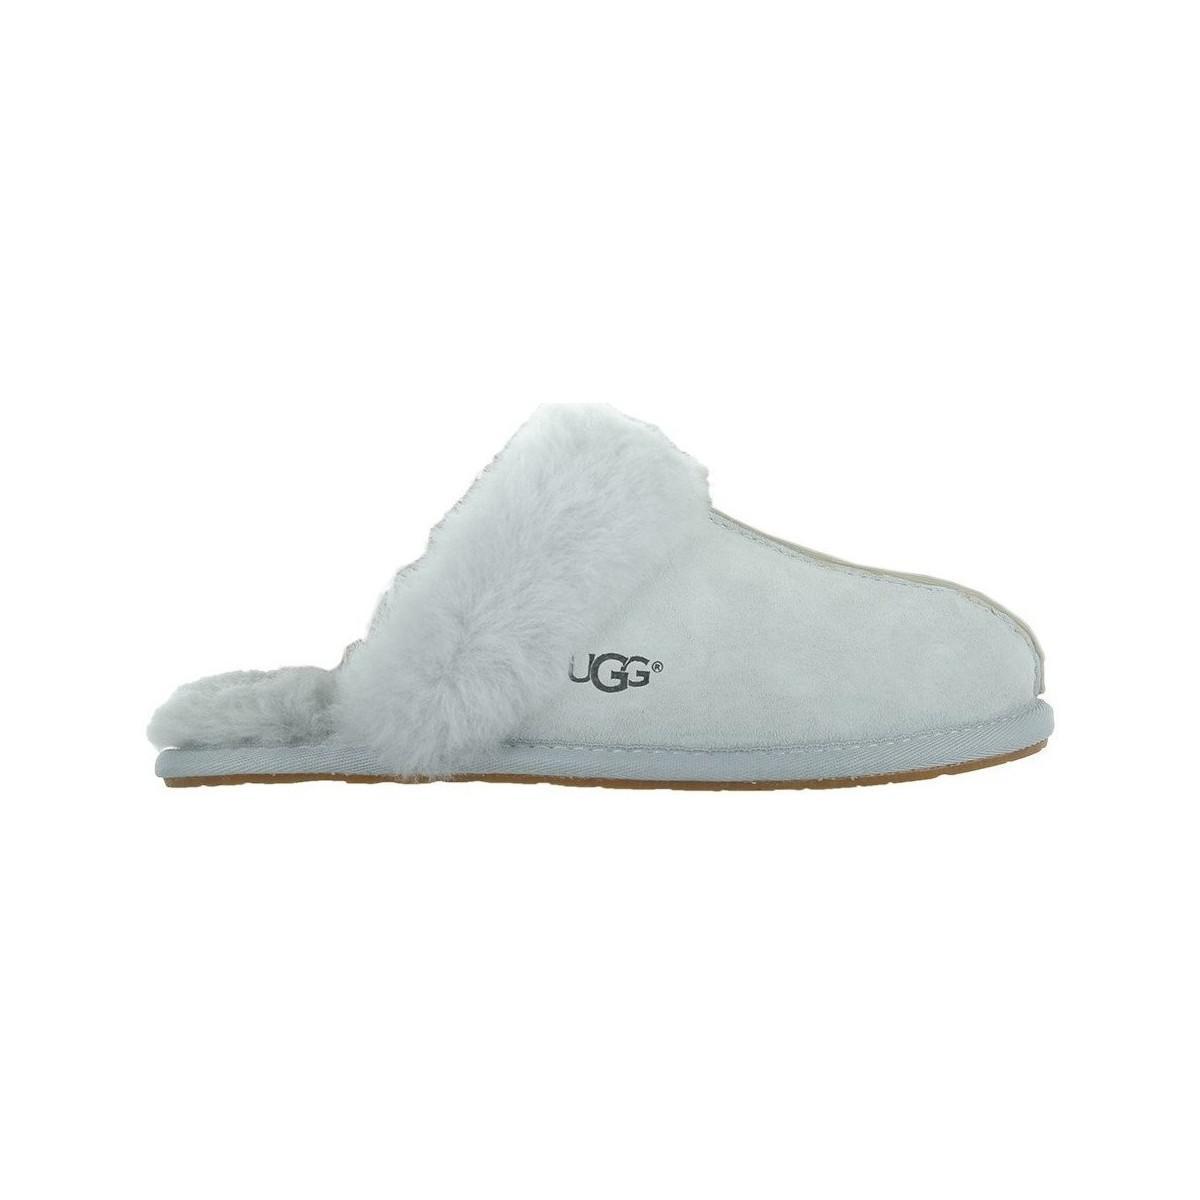 7e19f3c78b6 UGG Scuffette Ii Grey Violet Women's Slippers In Grey in Gray - Lyst